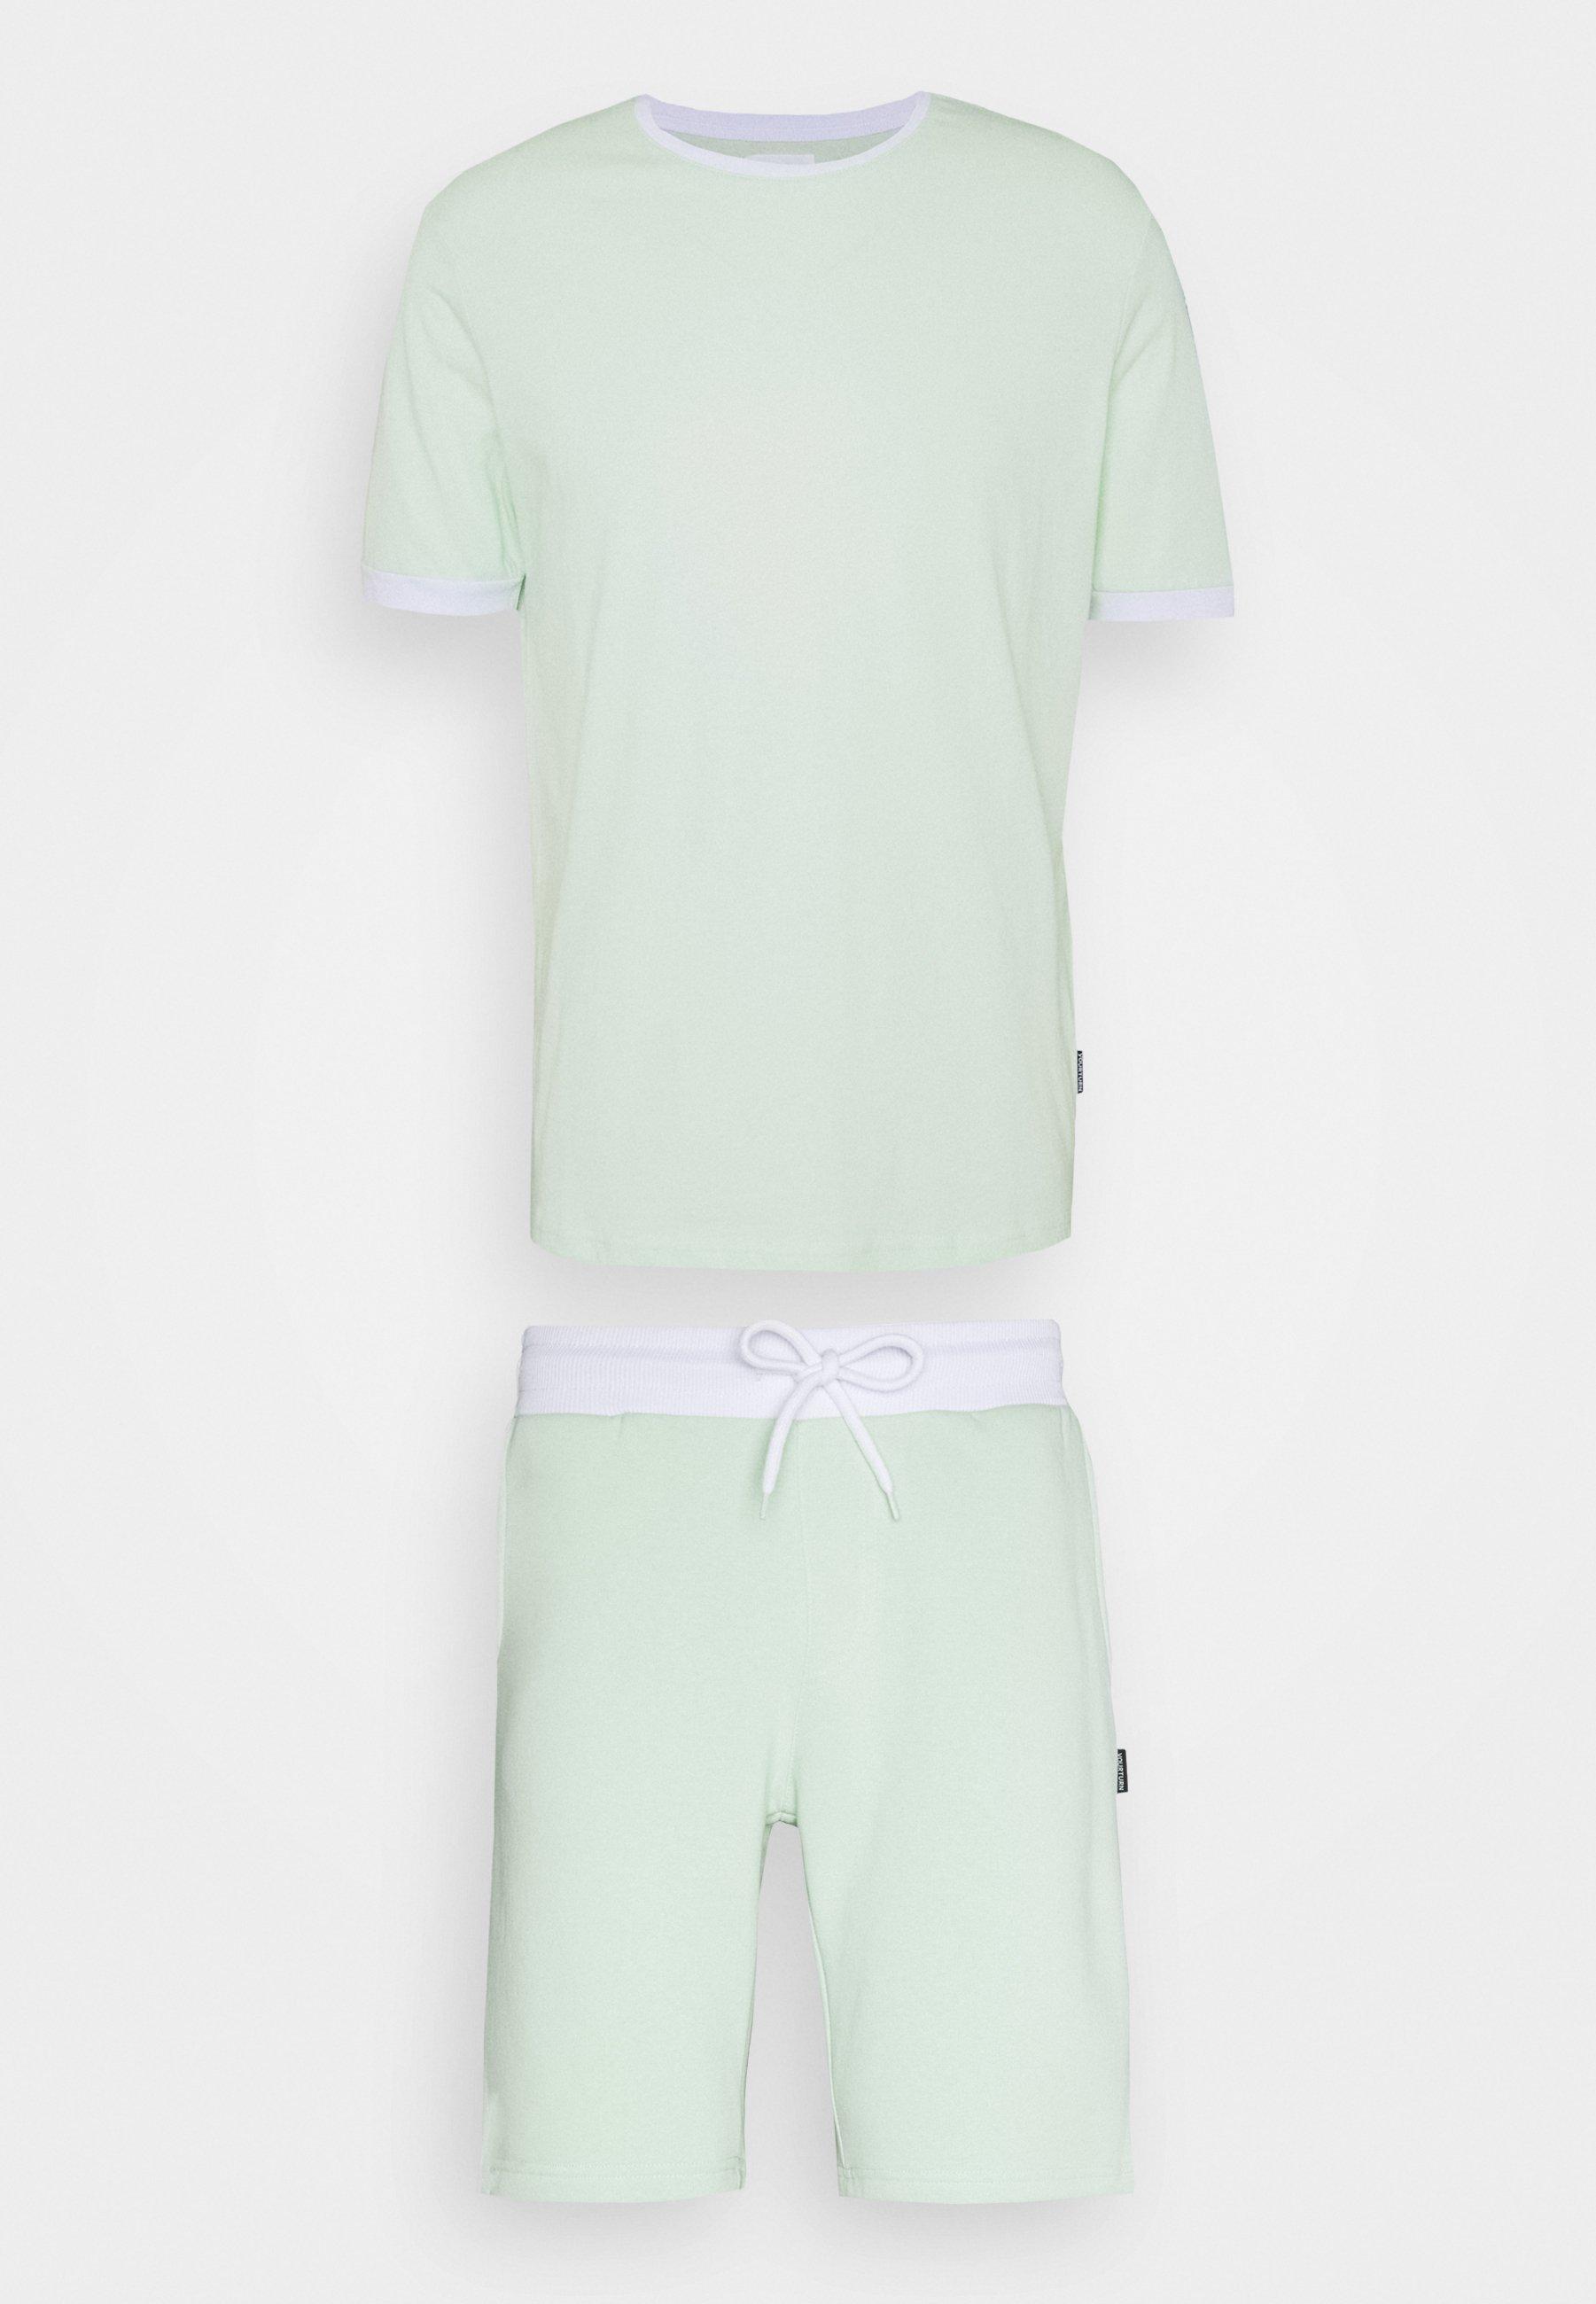 Grønn Shorts | Dame | Nye shorts på nett hos Zalando